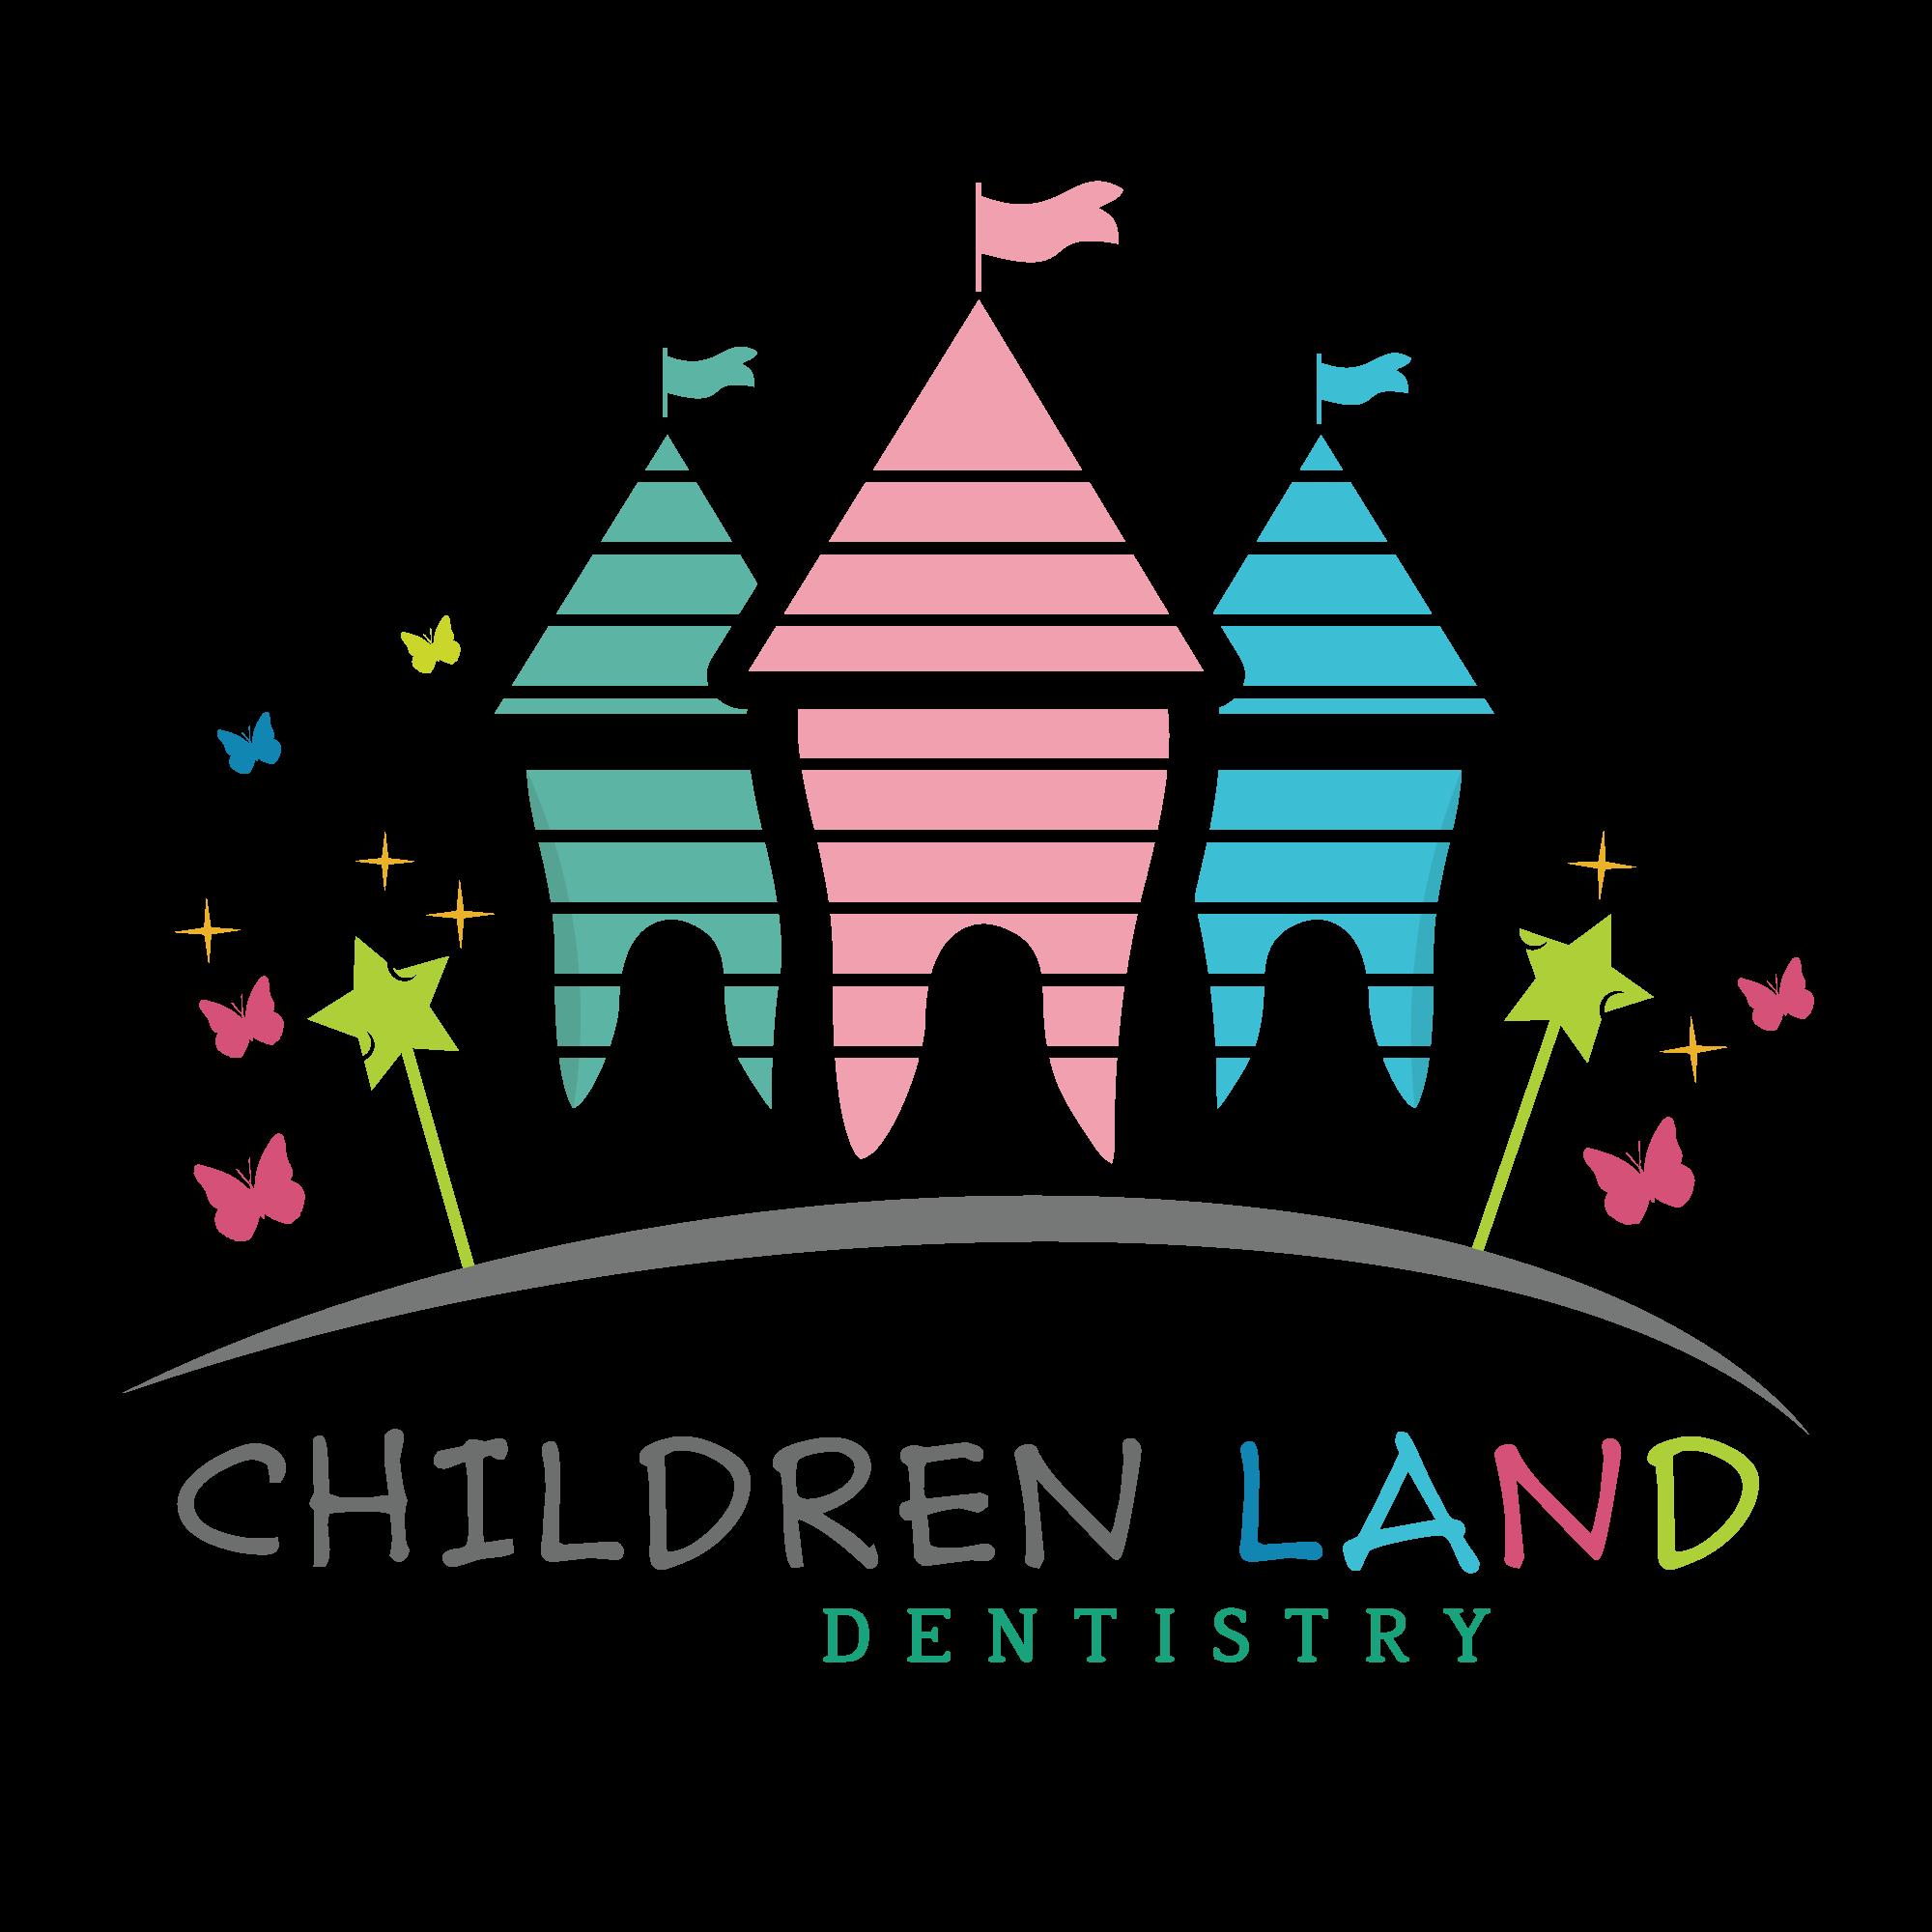 Children land dentistry.   Logo Design Ideas   Pinterest   Dentistry ...